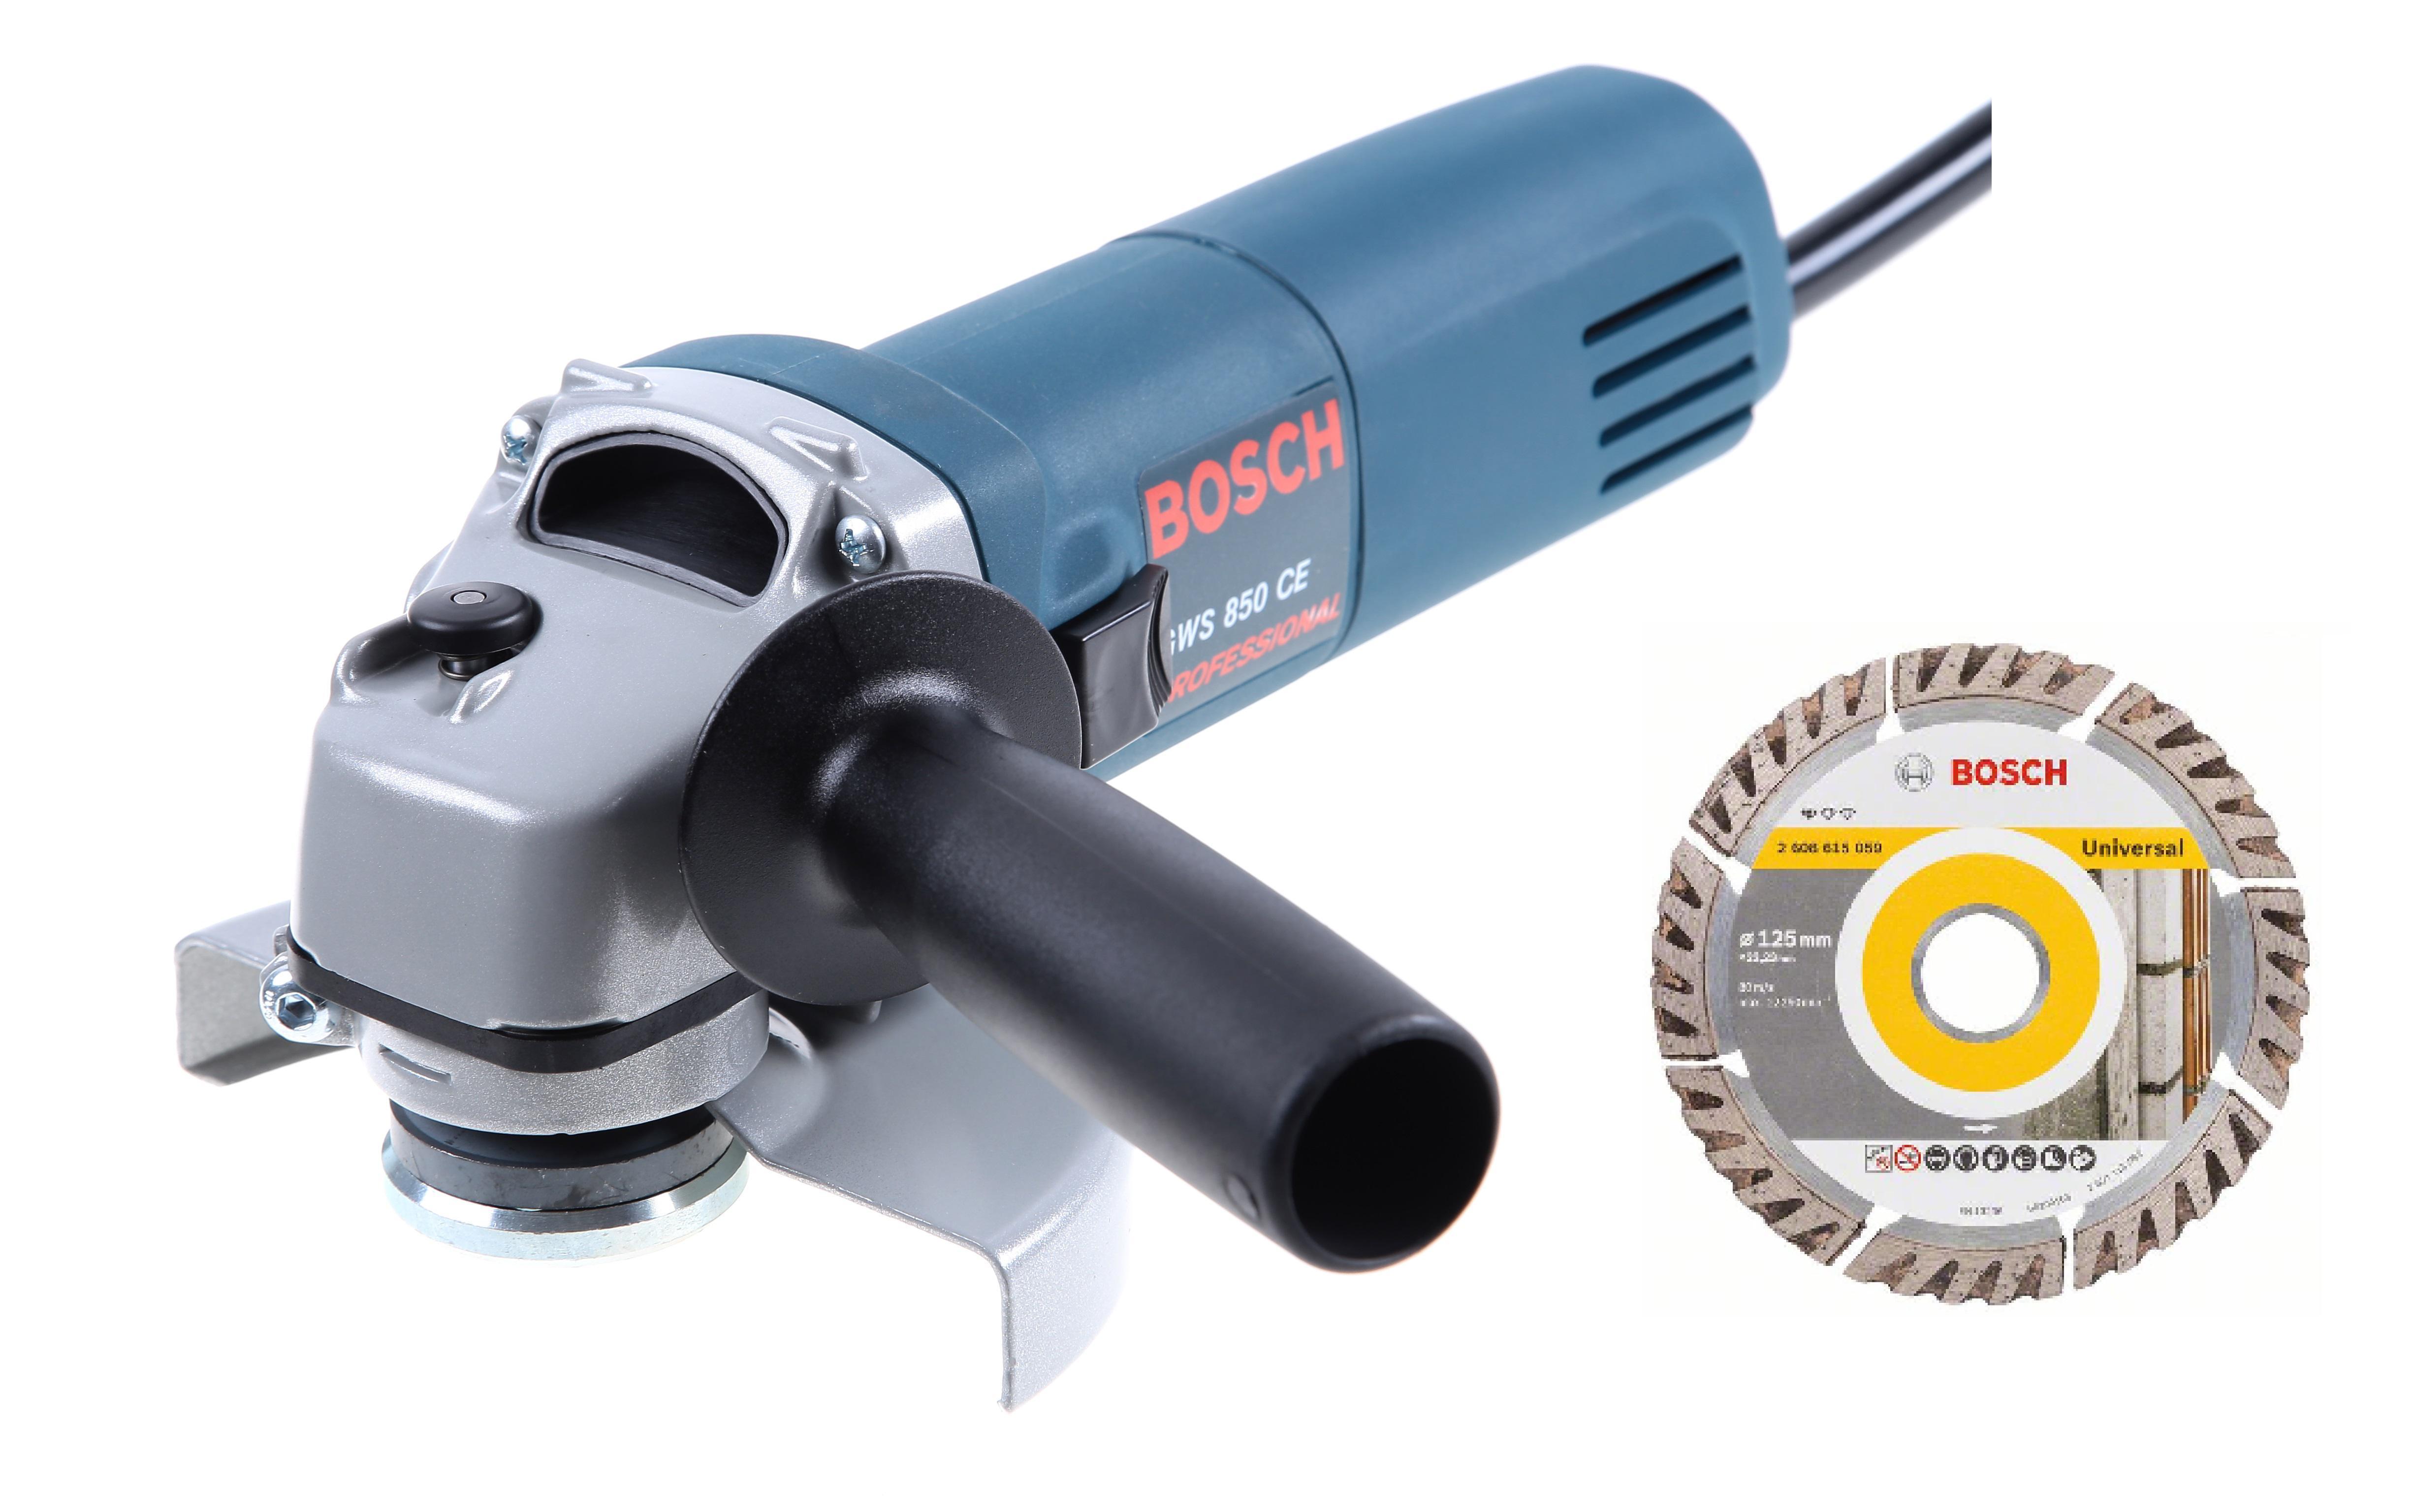 Набор Bosch УШМ (болгарка) gws 850 ce (0.601.378.792) +Круг алмазный 2608615059 болгарка bosch gws 1000